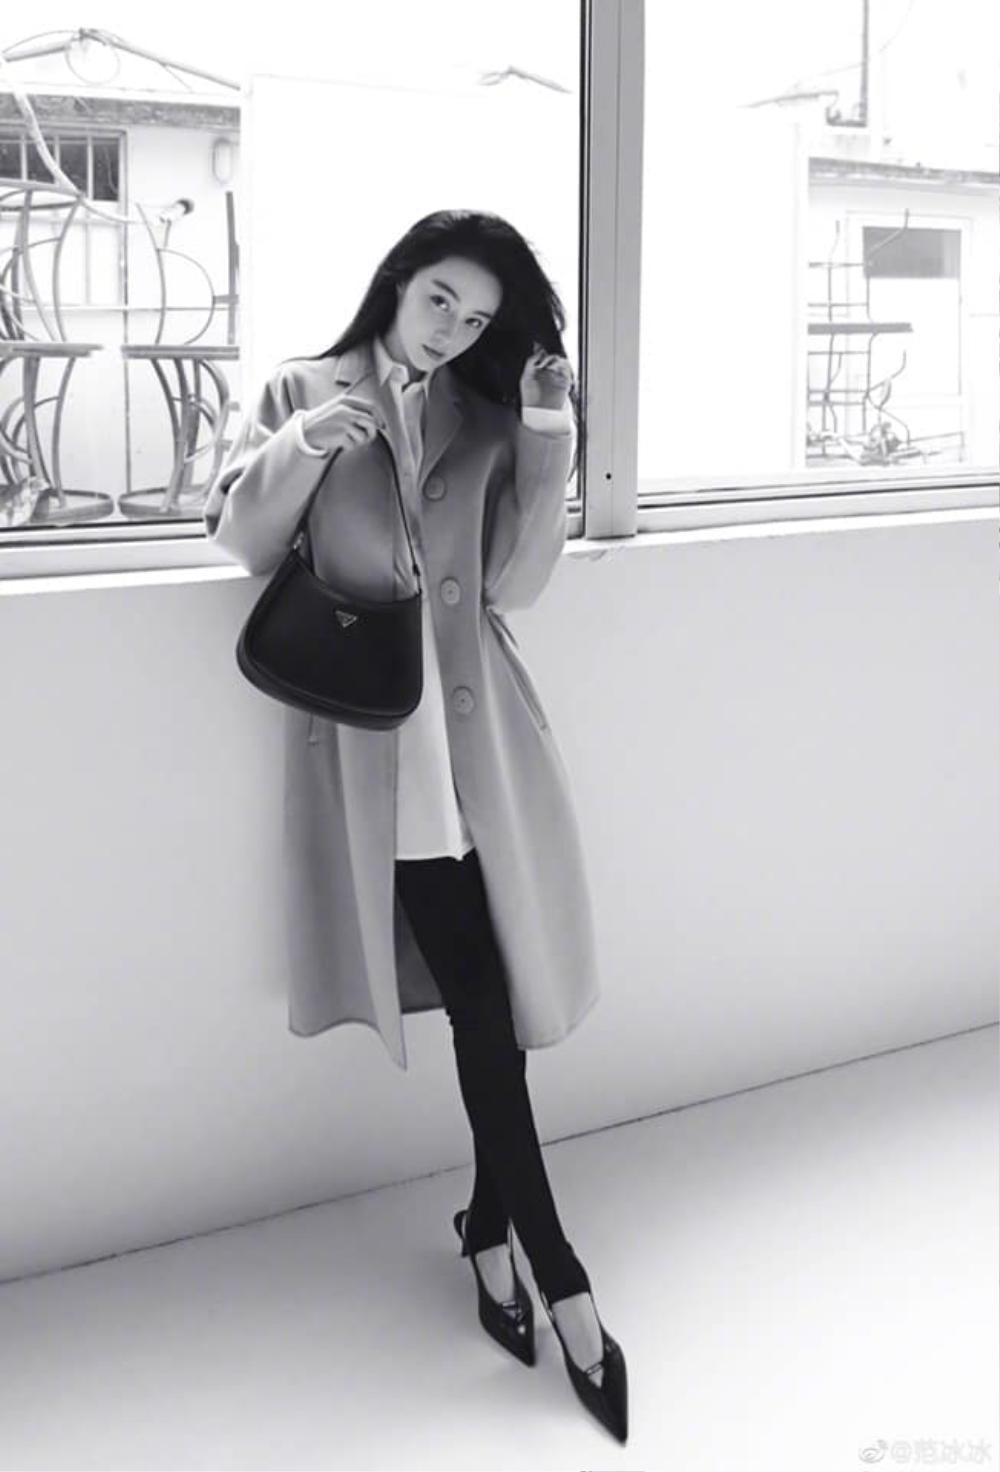 Cân nhan sắc thần thái Phạm Băng Băng & Trịnh Sảng trong loạt ảnh high fashion Ảnh 1